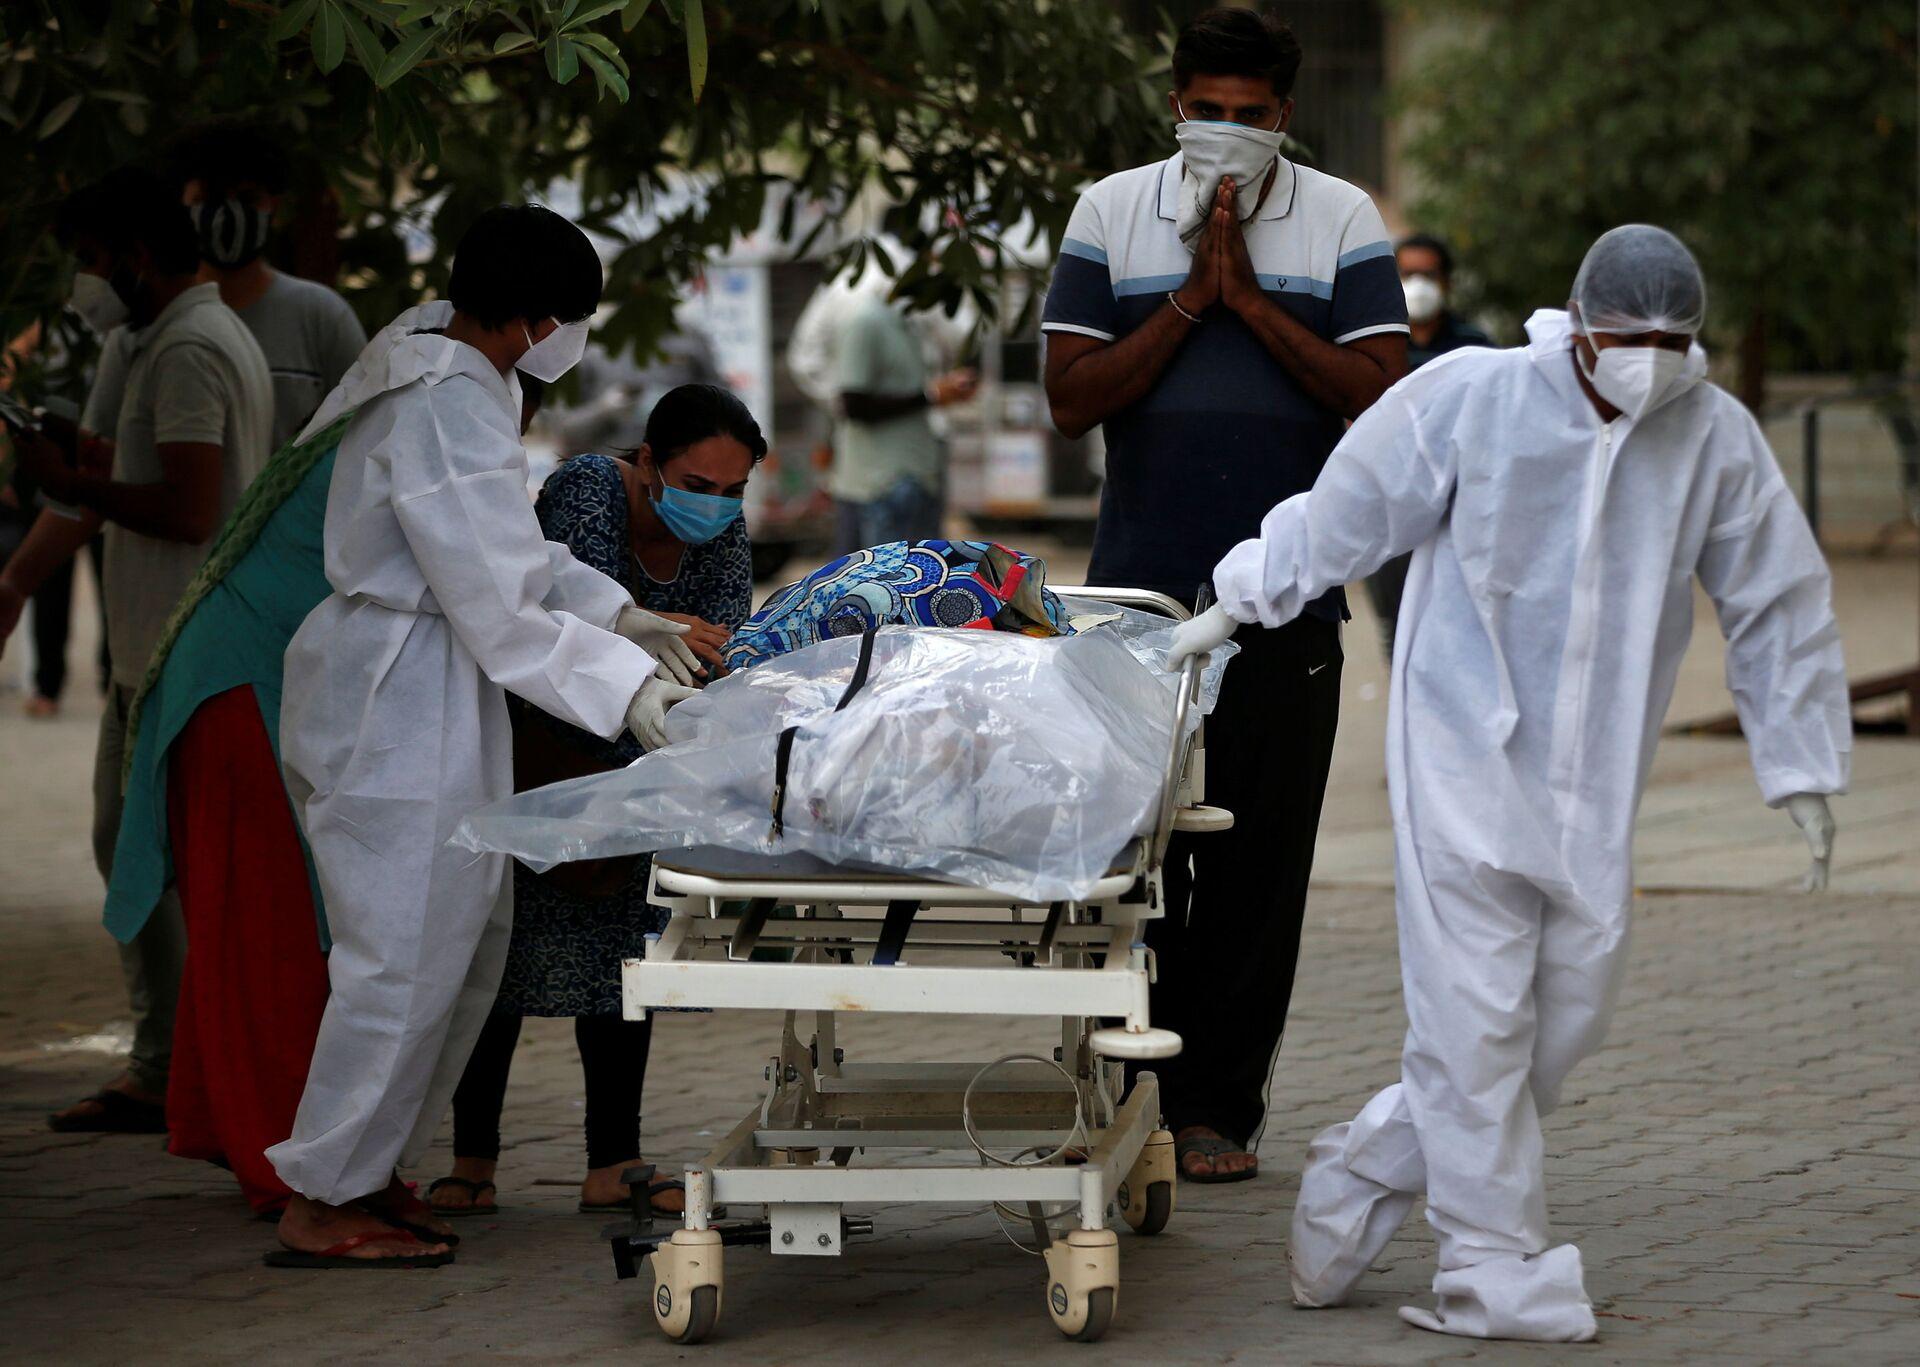 Ở Ấn Độ, những người chết vì COVID-19 bị đốt ngay trên đường phố - Sputnik Việt Nam, 1920, 26.04.2021